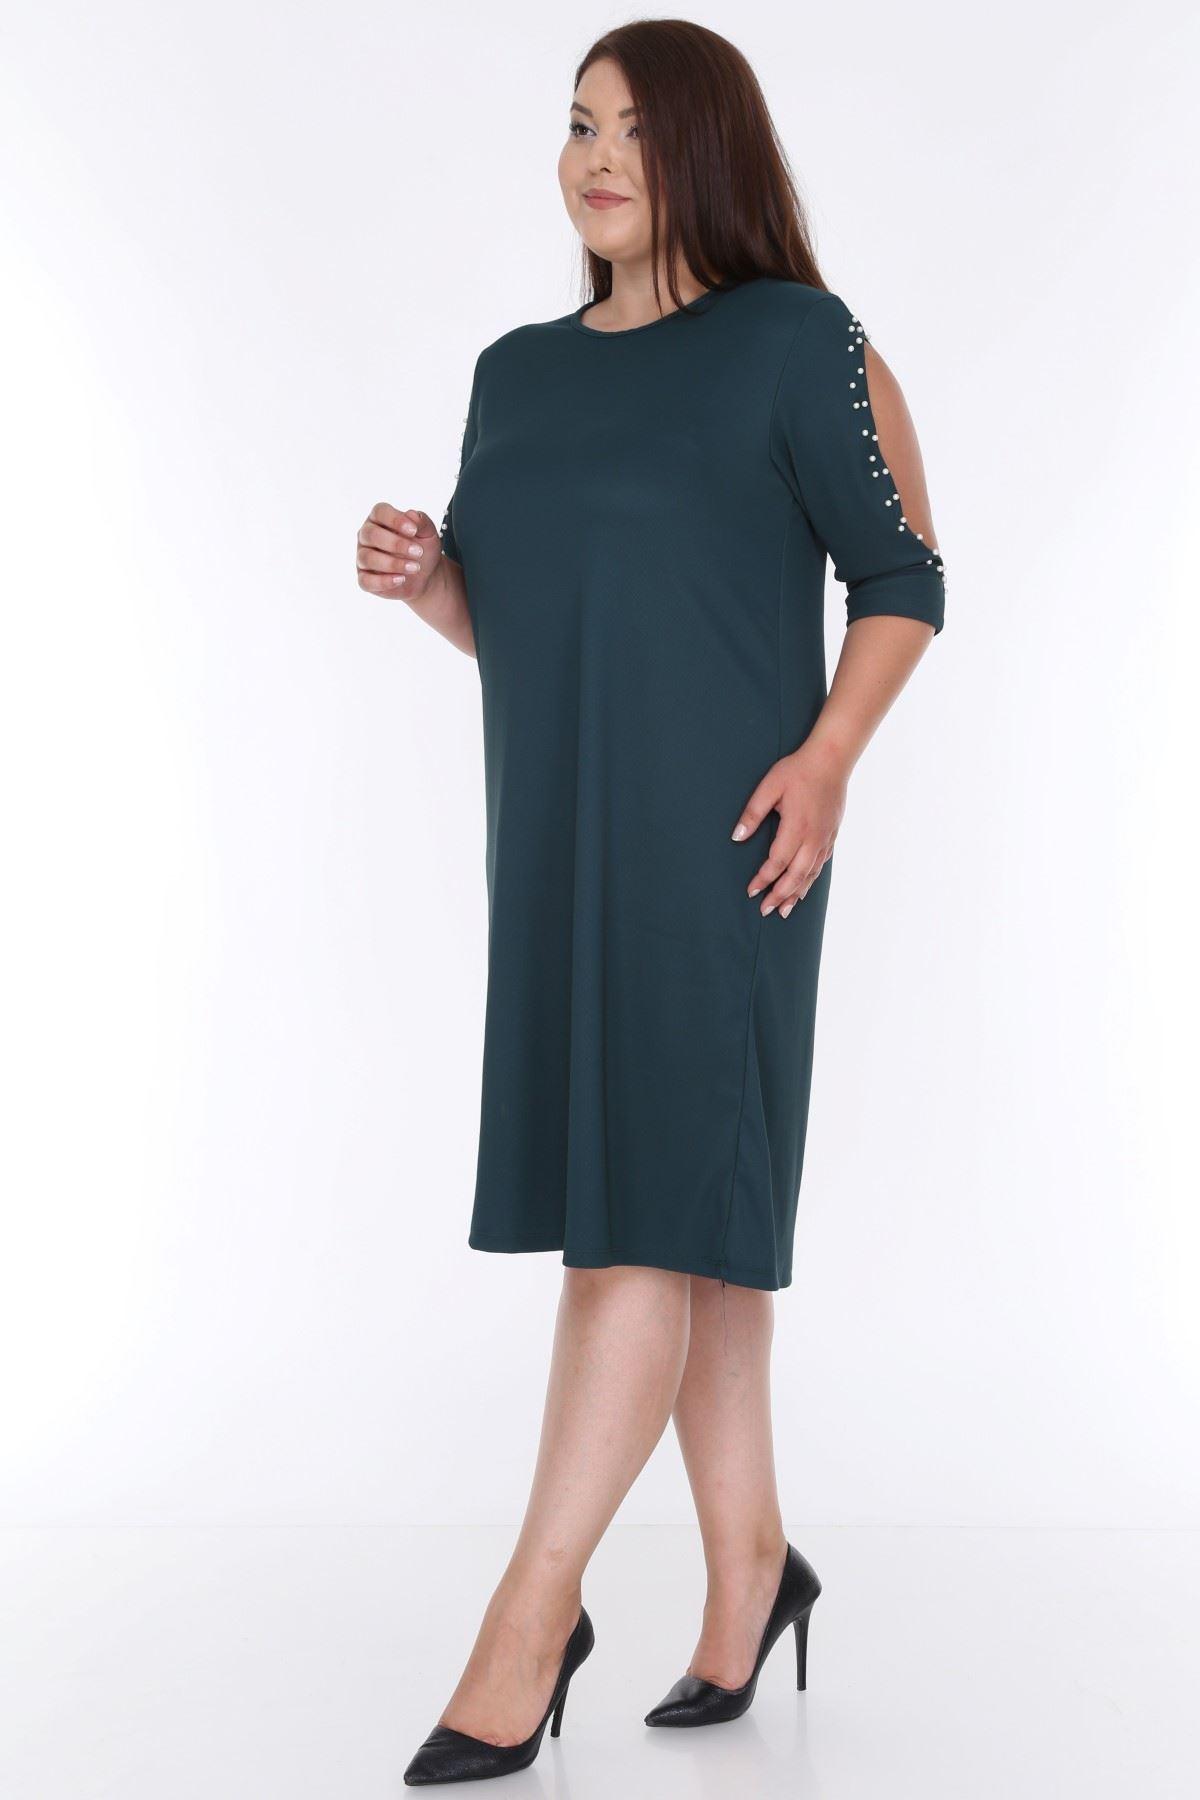 Kol İncili Yeşil Elbise 2B-0621